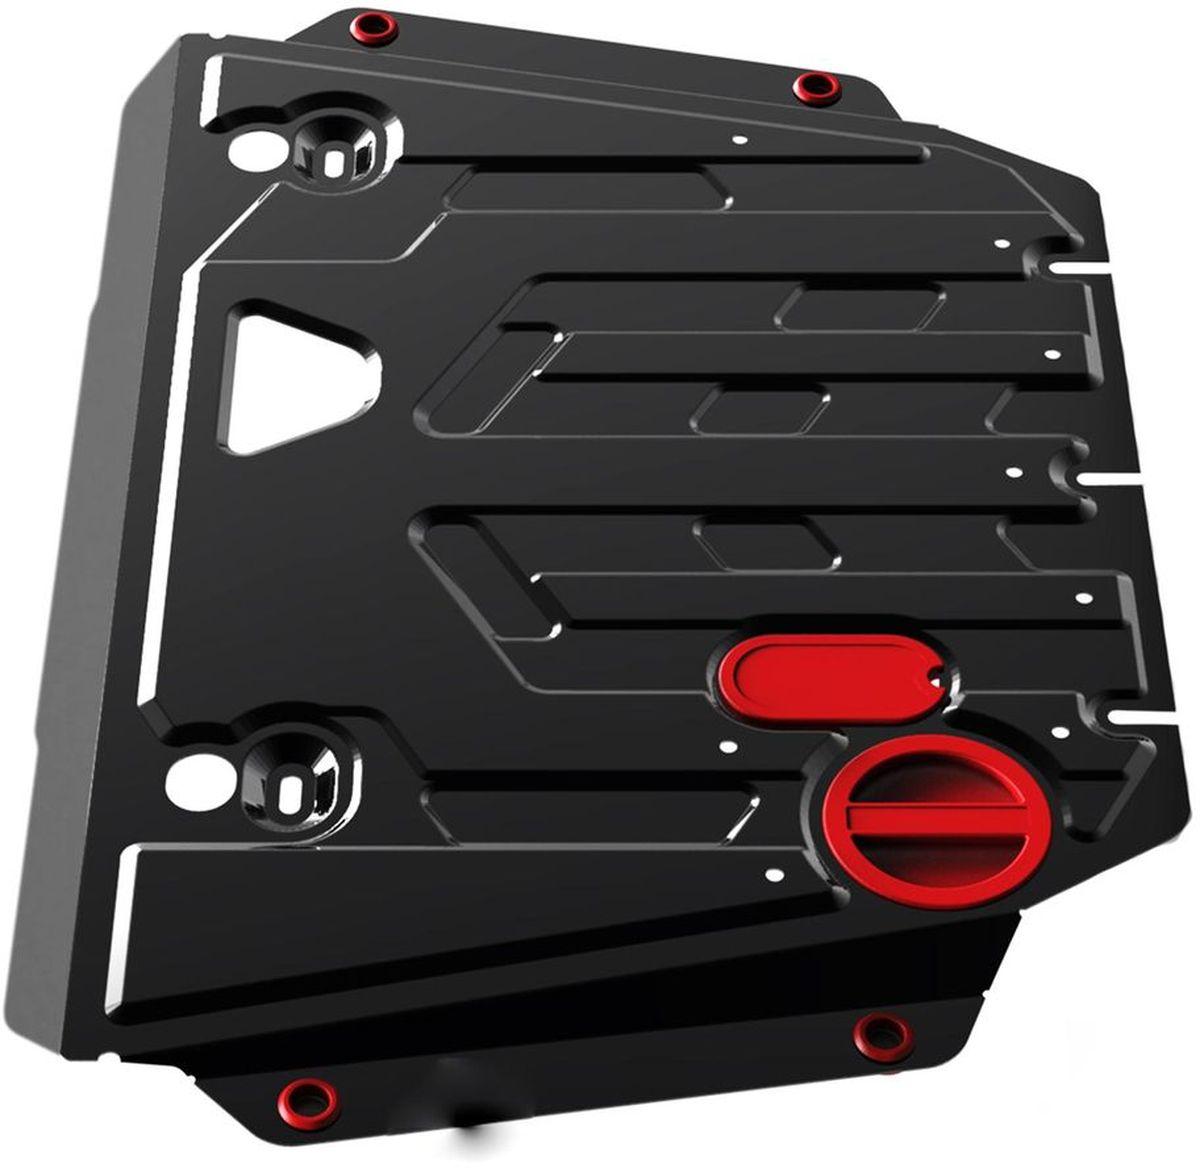 Защита картера и КПП Автоброня, для Toyota Camry V - все (1991-1996)111.05728.1Технологически совершенный продукт за невысокую стоимость. Защита разработана с учетом особенностей днища автомобиля, что позволяет сохранить дорожный просвет с минимальным изменением. Защита устанавливается в штатные места кузова автомобиля. Глубокий штамп обеспечивает до двух раз больше жесткости в сравнении с обычной защитой той же толщины. Проштампованные ребра жесткости препятствуют деформации защиты при ударах. Тепловой зазор и вентиляционные отверстия обеспечивают сохранение температурного режима двигателя в норме. Скрытый крепеж предотвращает срыв крепежных элементов при наезде на препятствие. Шумопоглощающие резиновые элементы обеспечивают комфортную езду без вибраций и скрежета металла, а съемные лючки для слива масла и замены фильтра - экономию средств и время. Конструкция изделия не влияет на пассивную безопасность автомобиля (при ударе защита не воздействует на деформационные зоны кузова). Со штатным крепежом. В комплекте инструкция по установке....